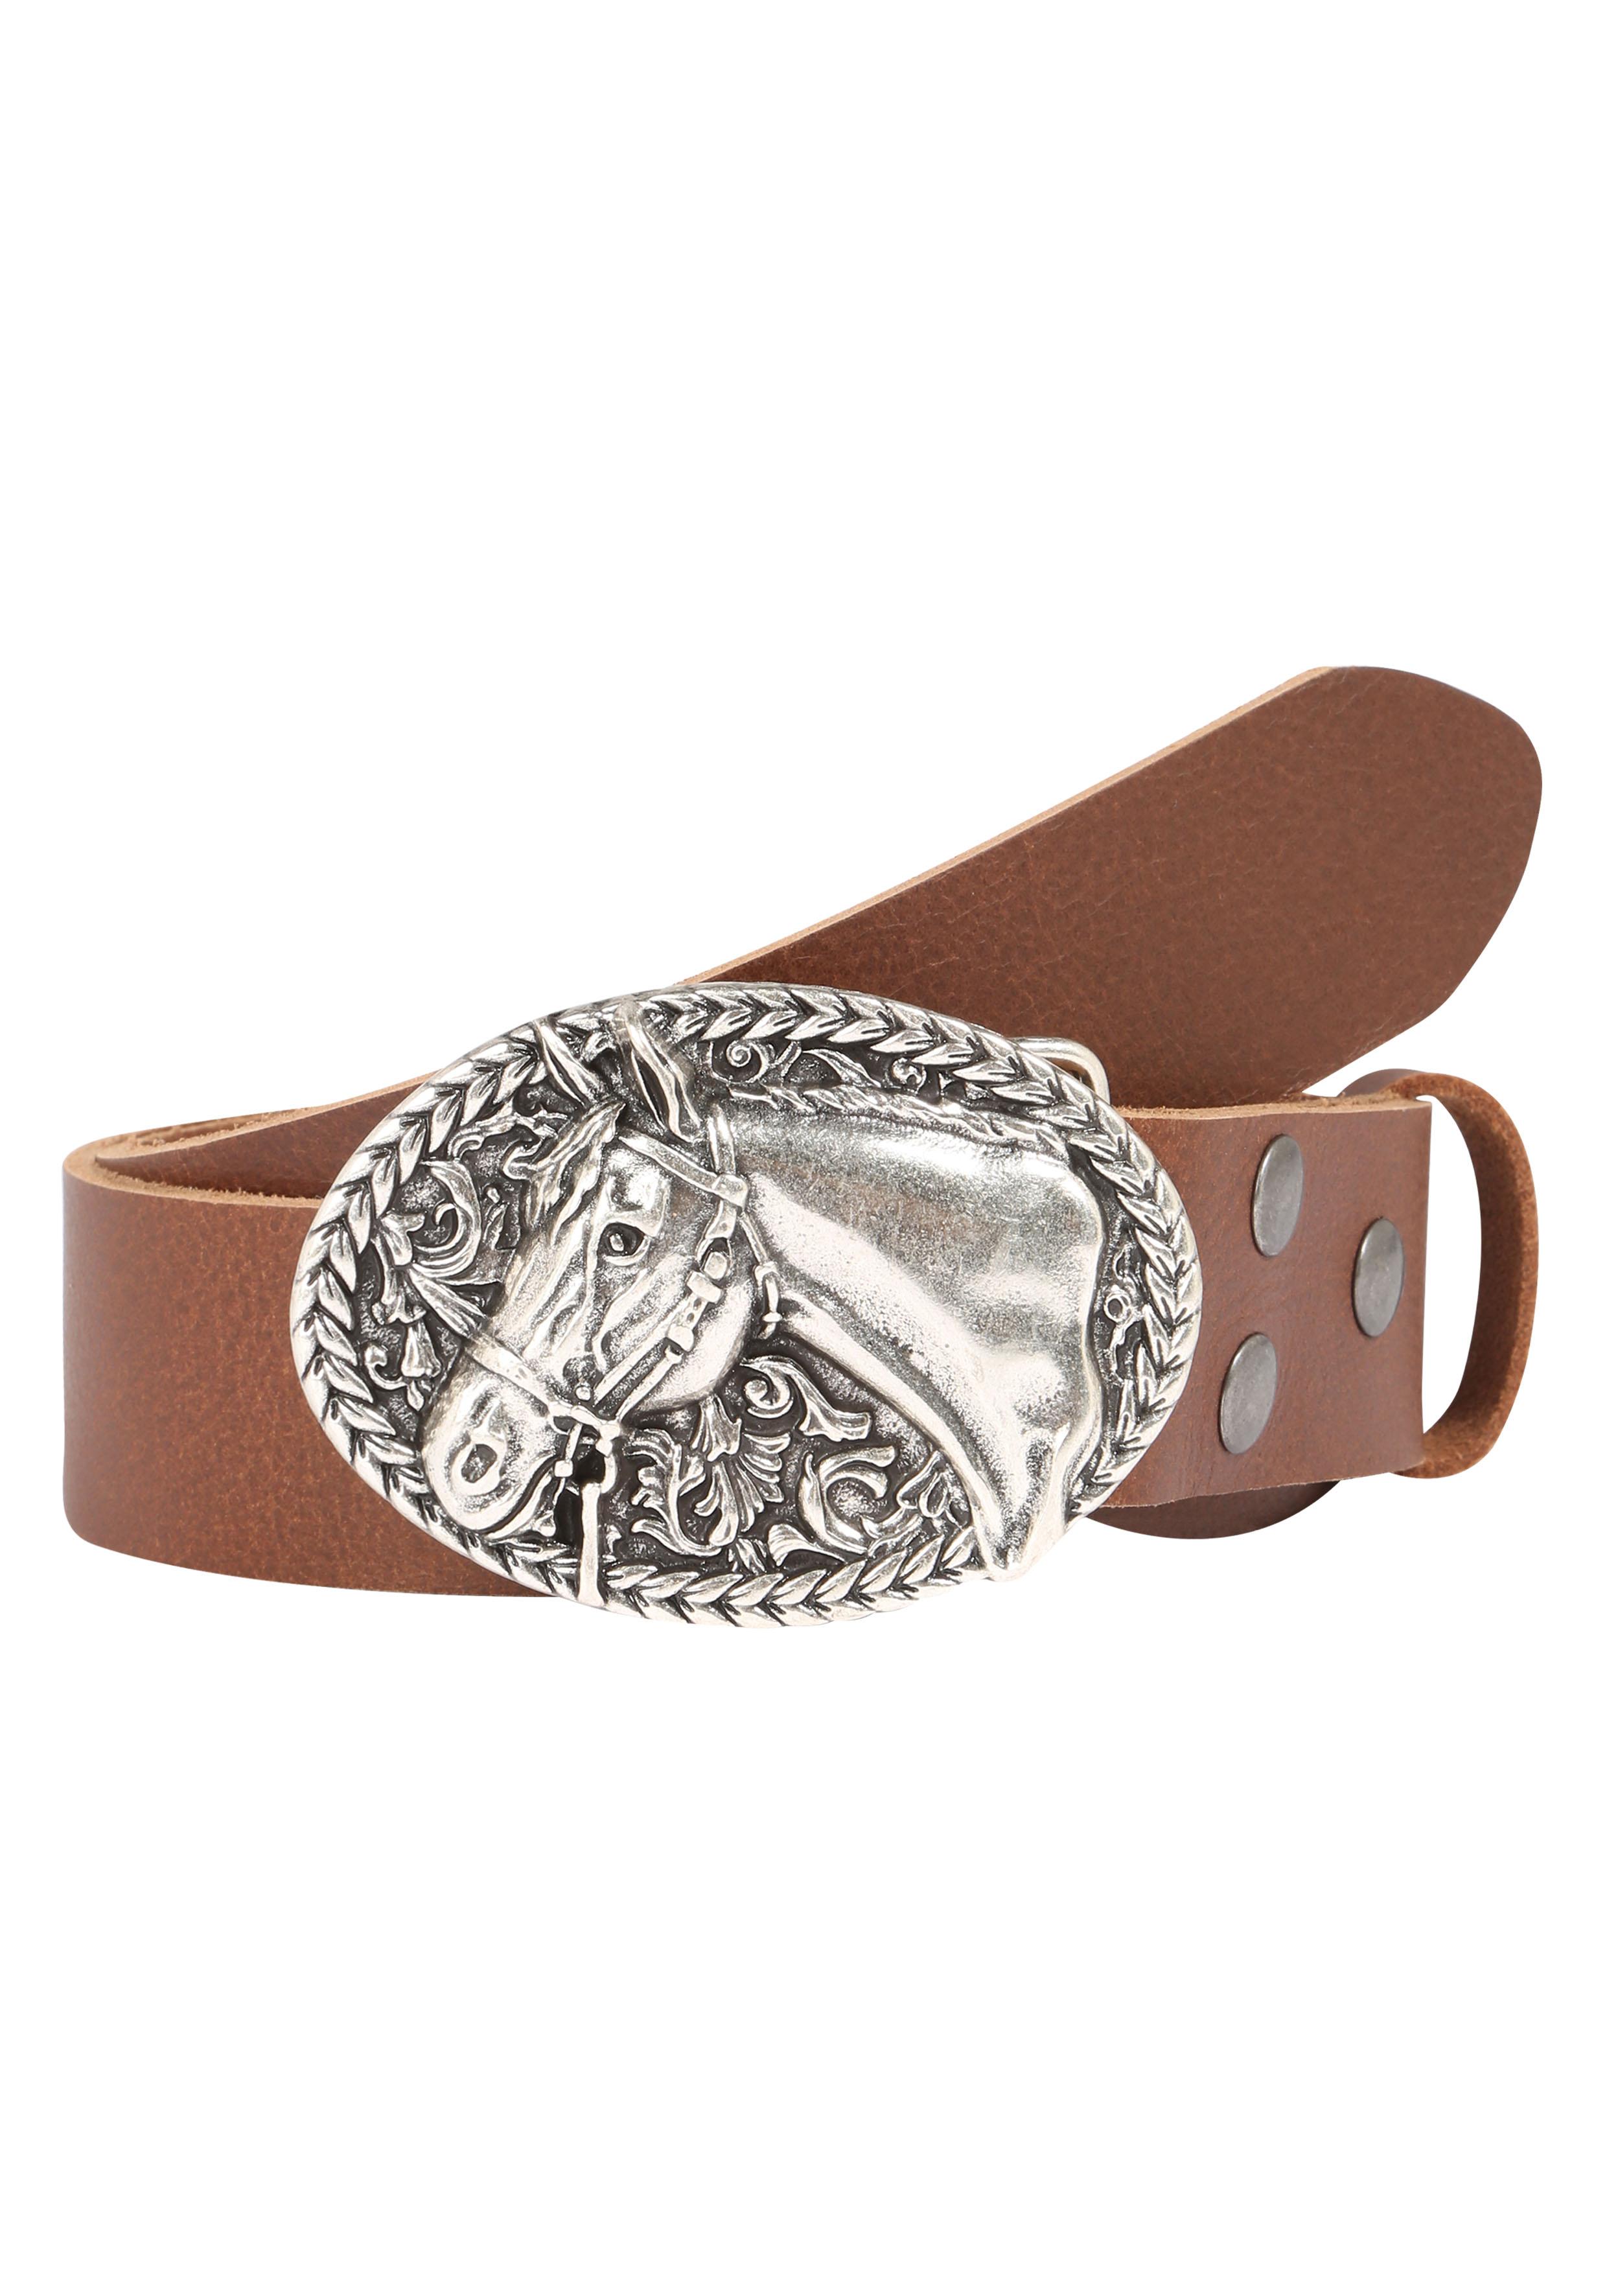 RETTUNGSRING by showroom 019° Ledergürtel, mit schicker Pferdemotivschließe braun Damen Ledergürtel Gürtel Accessoires 4260529987039